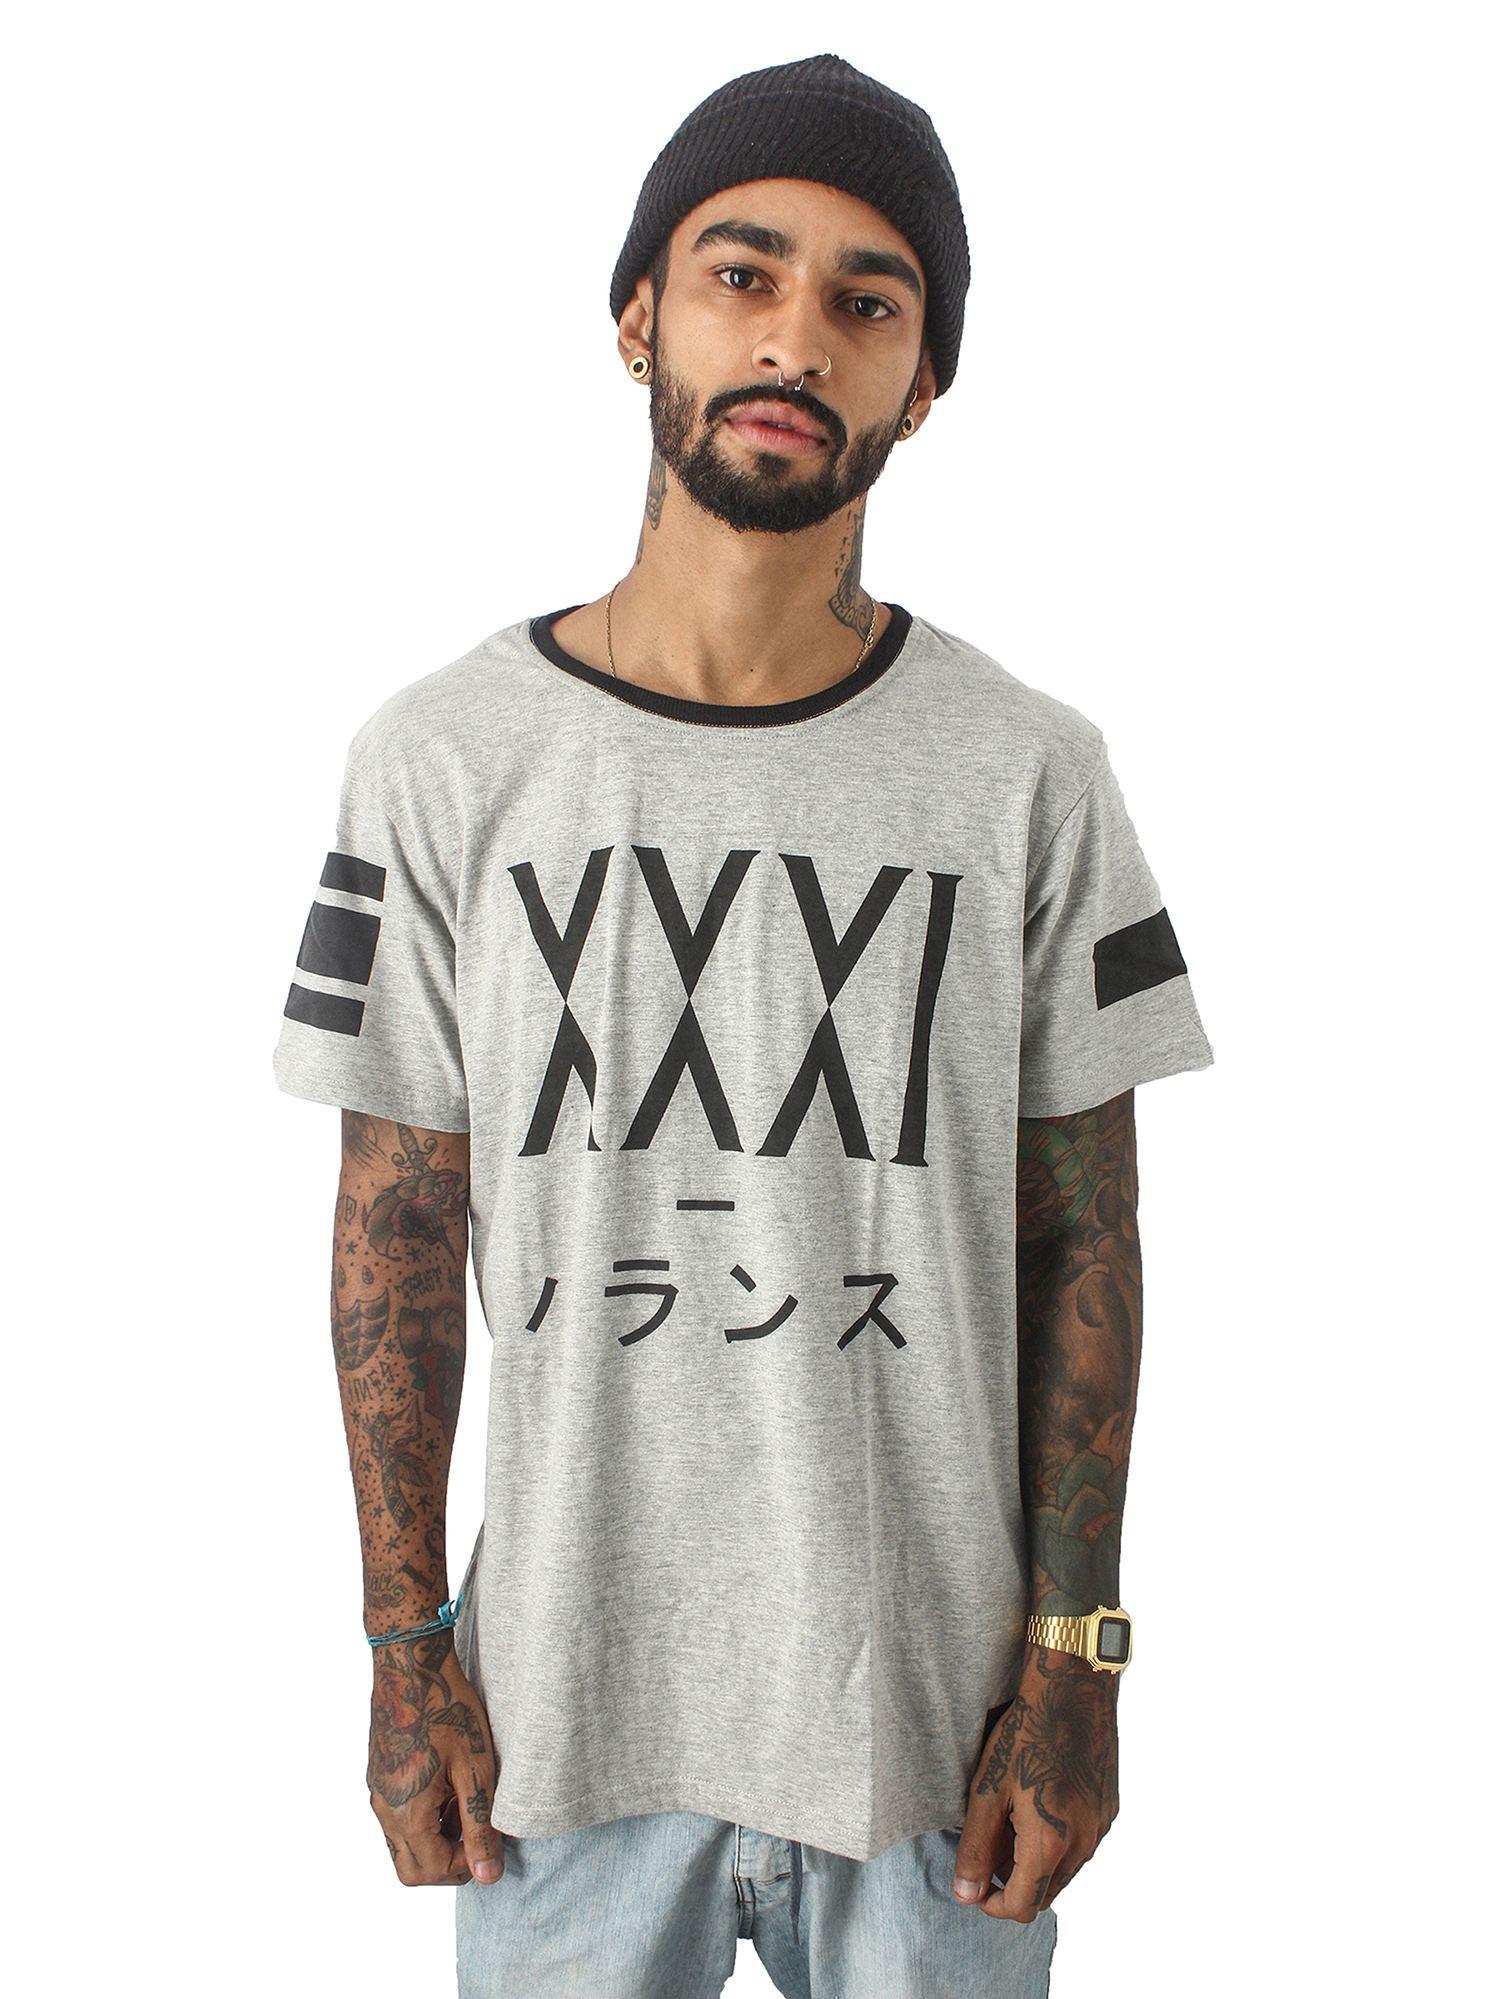 Camiseta XXXI EQUILIBRIUM